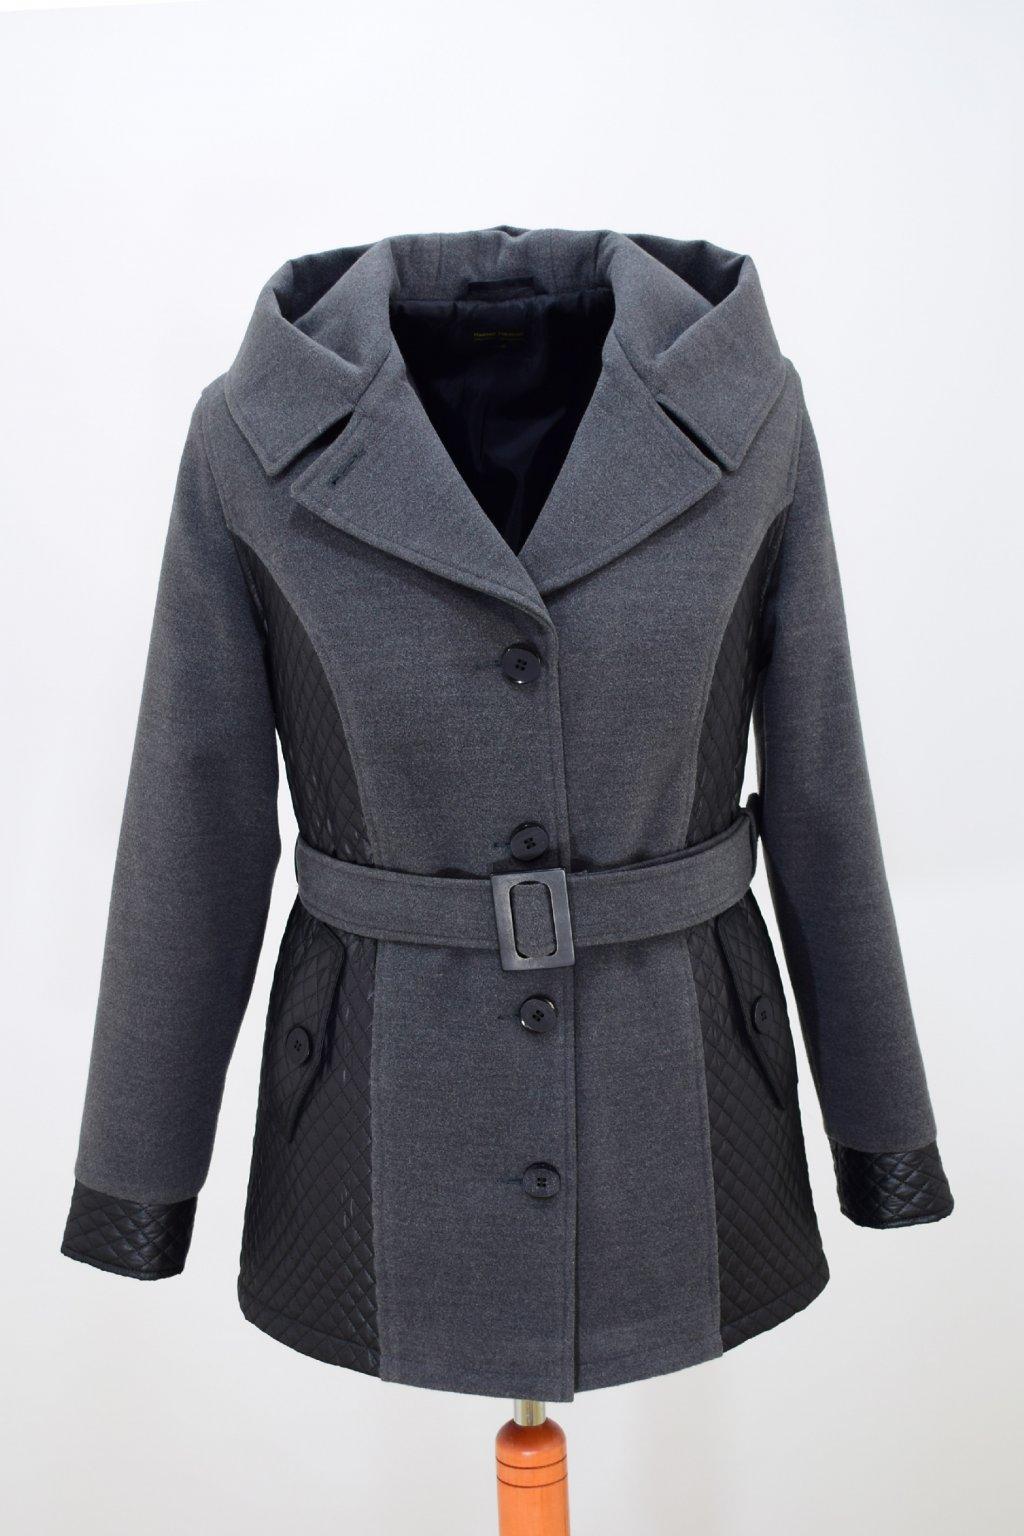 Dámský šedý zimní kabátek Aneta nadměrné velikosti.